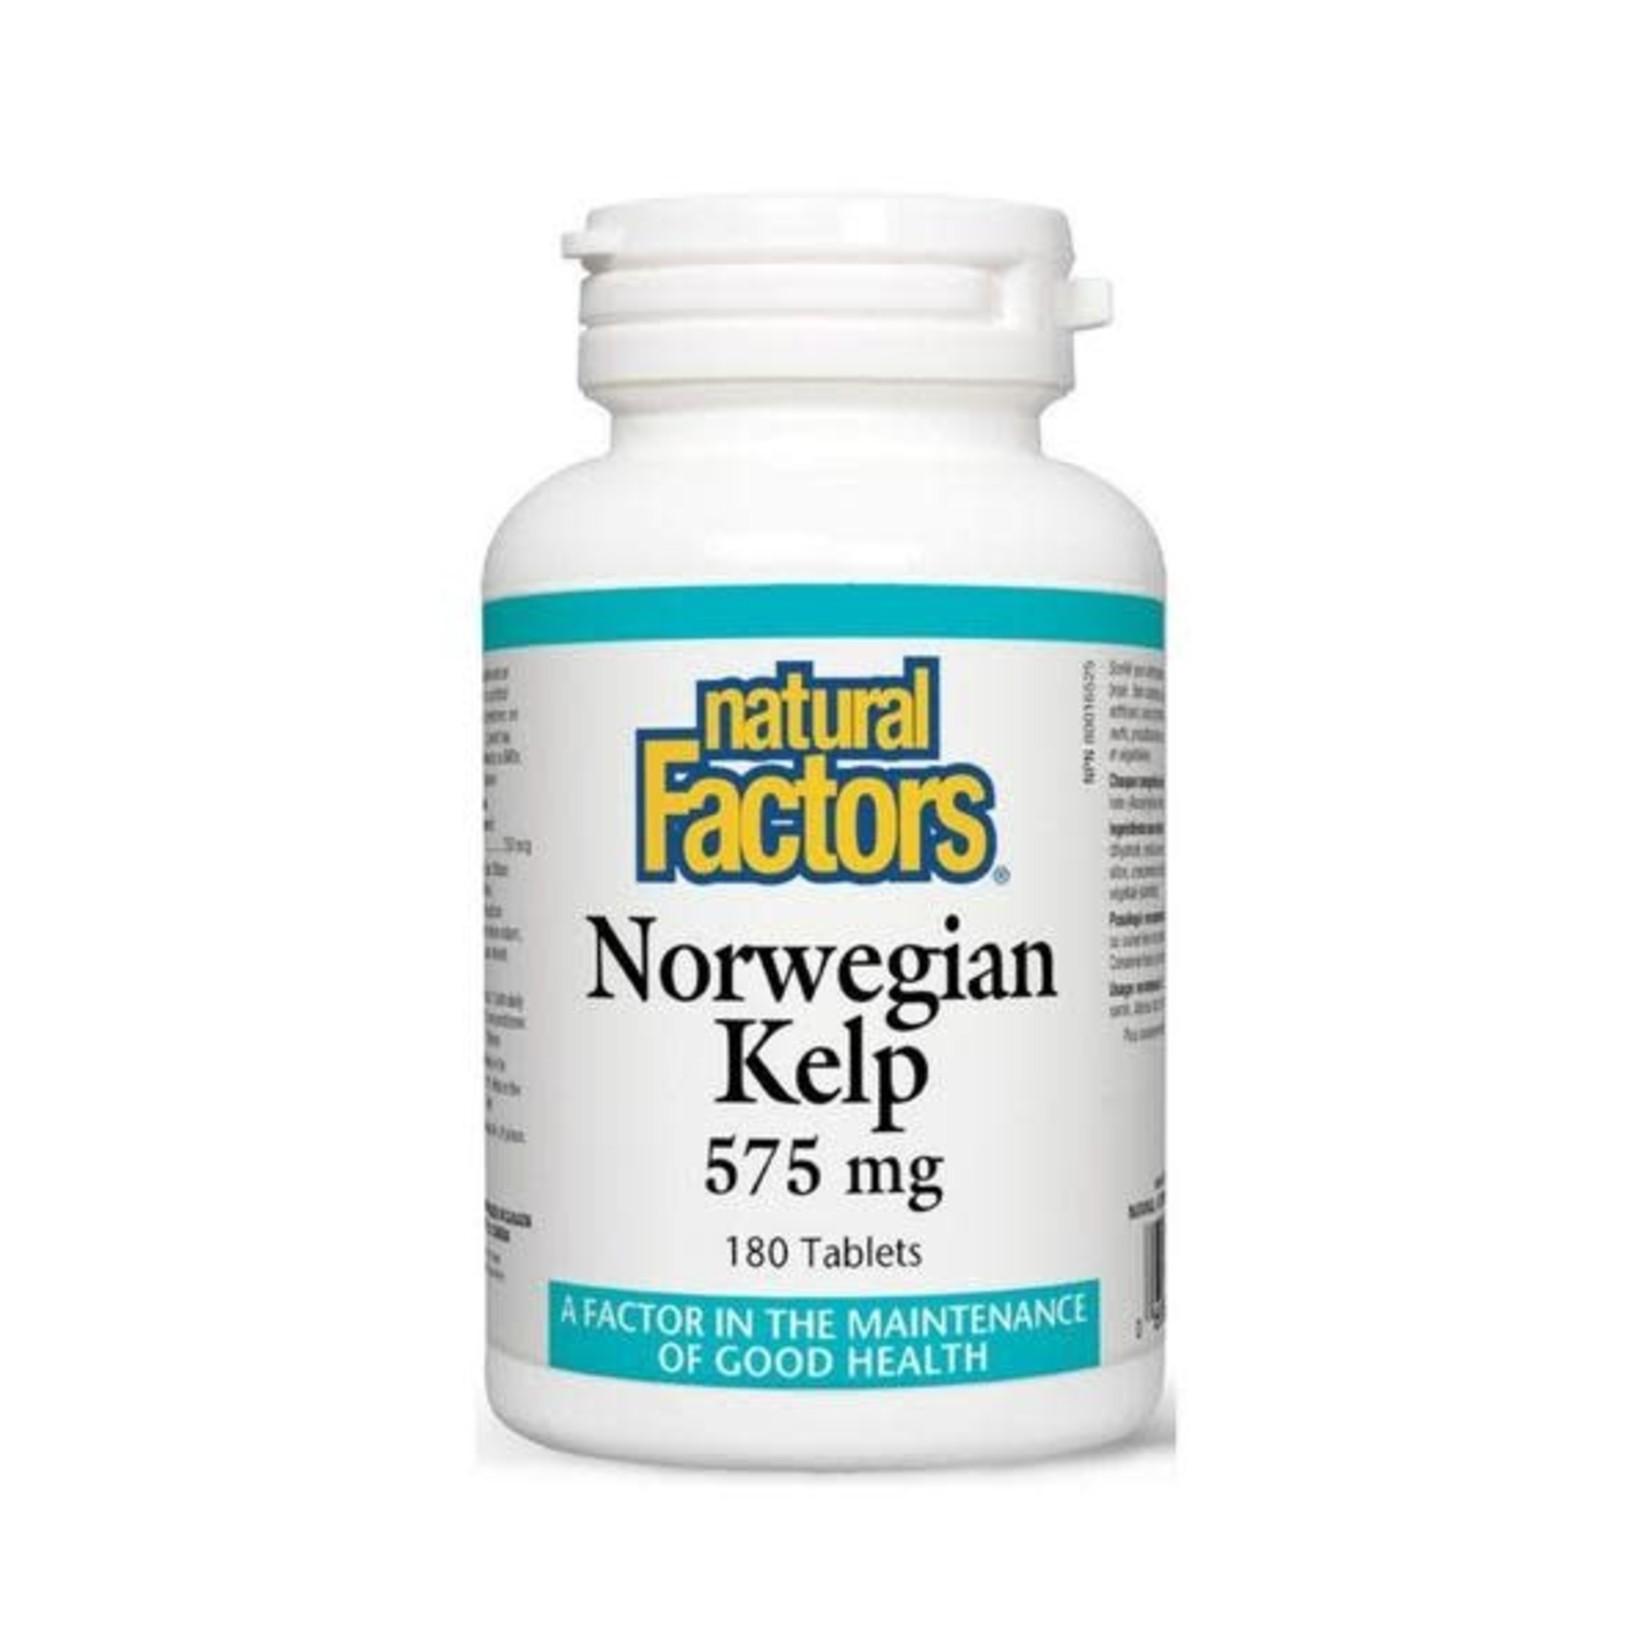 Natural Factors Natural Factors Norwegian Kelp 180 tabs